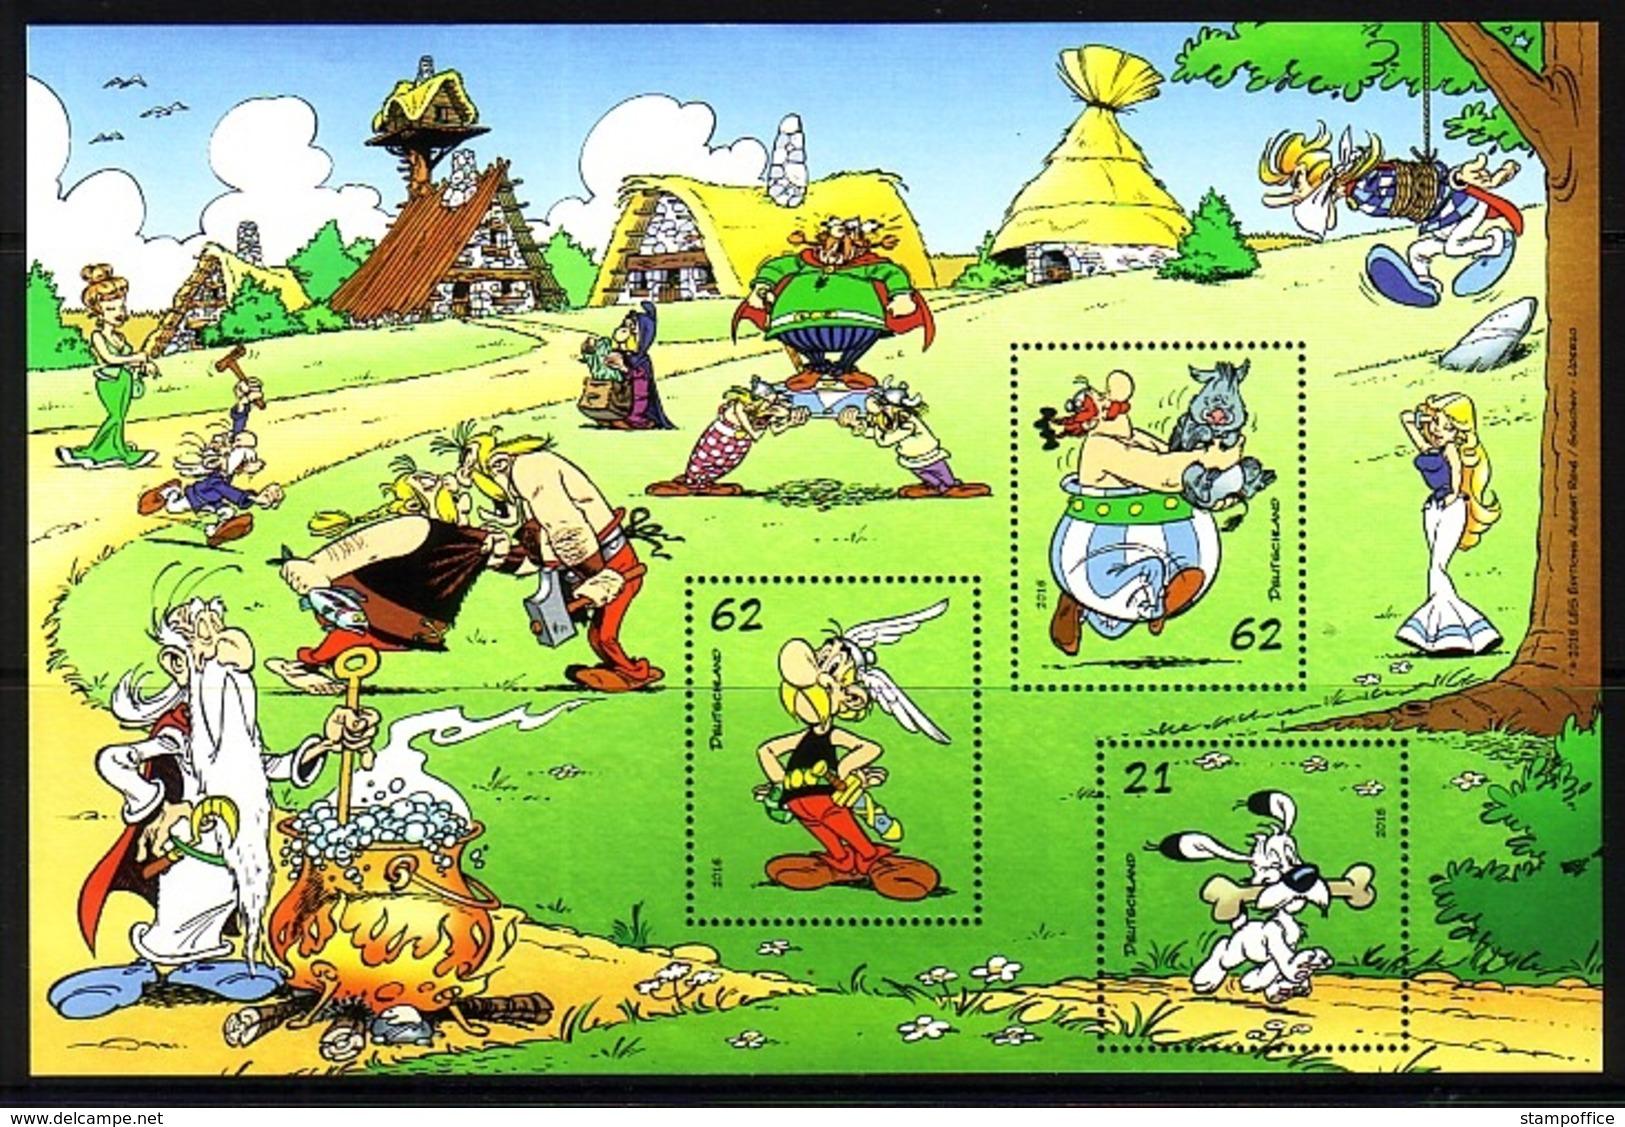 DEUTSCHLAND BLOCK 80 POSTFRISCH(MINT) ASTERIX UND OBELIX 2015 - Fumetti